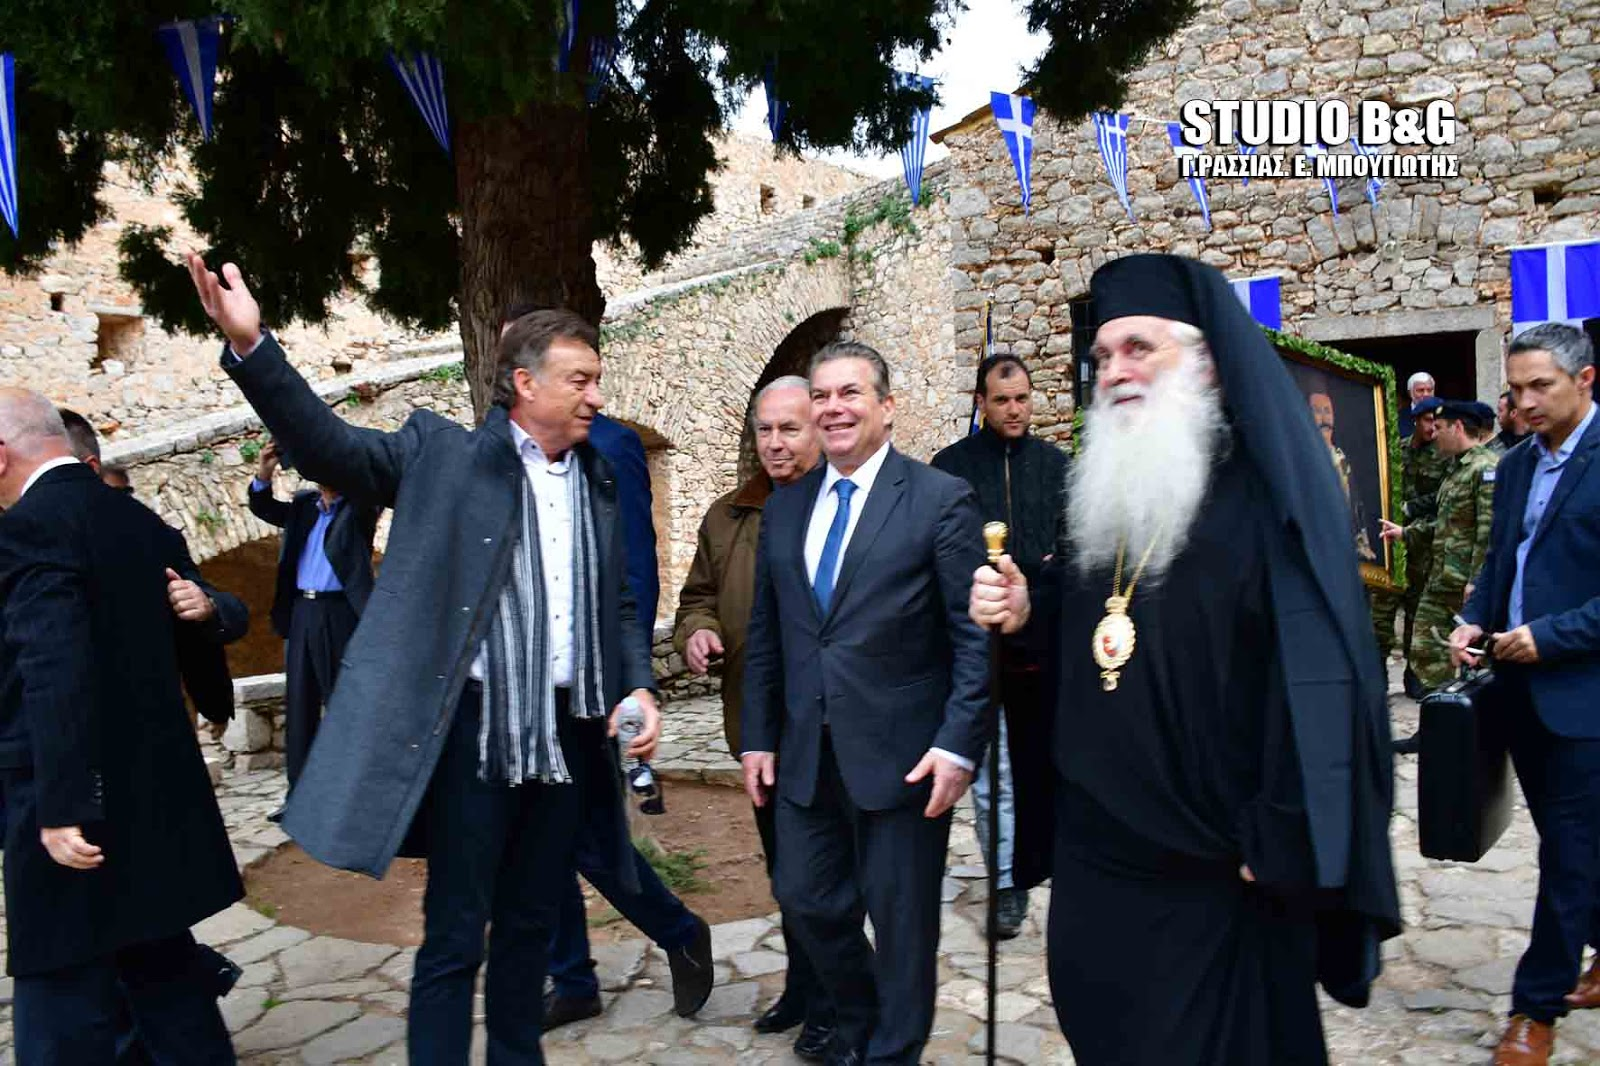 Το Ναύπλιο εόρτασε την 196η επέτειο από την απελευθέρωσή του από τον Τουρκικό ζυγό